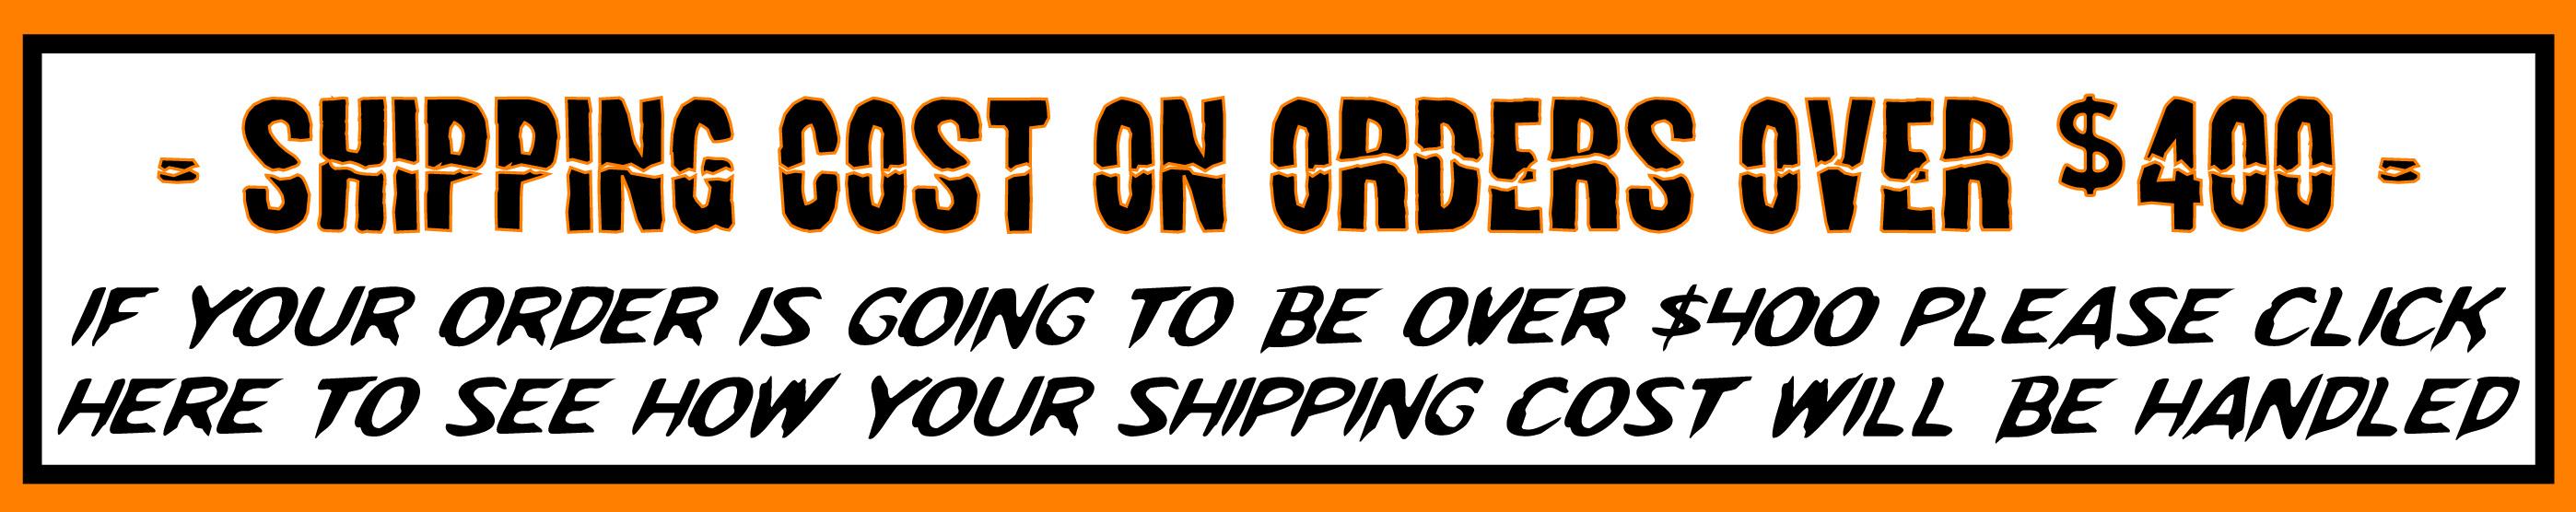 banner-shipping-over-400.jpg